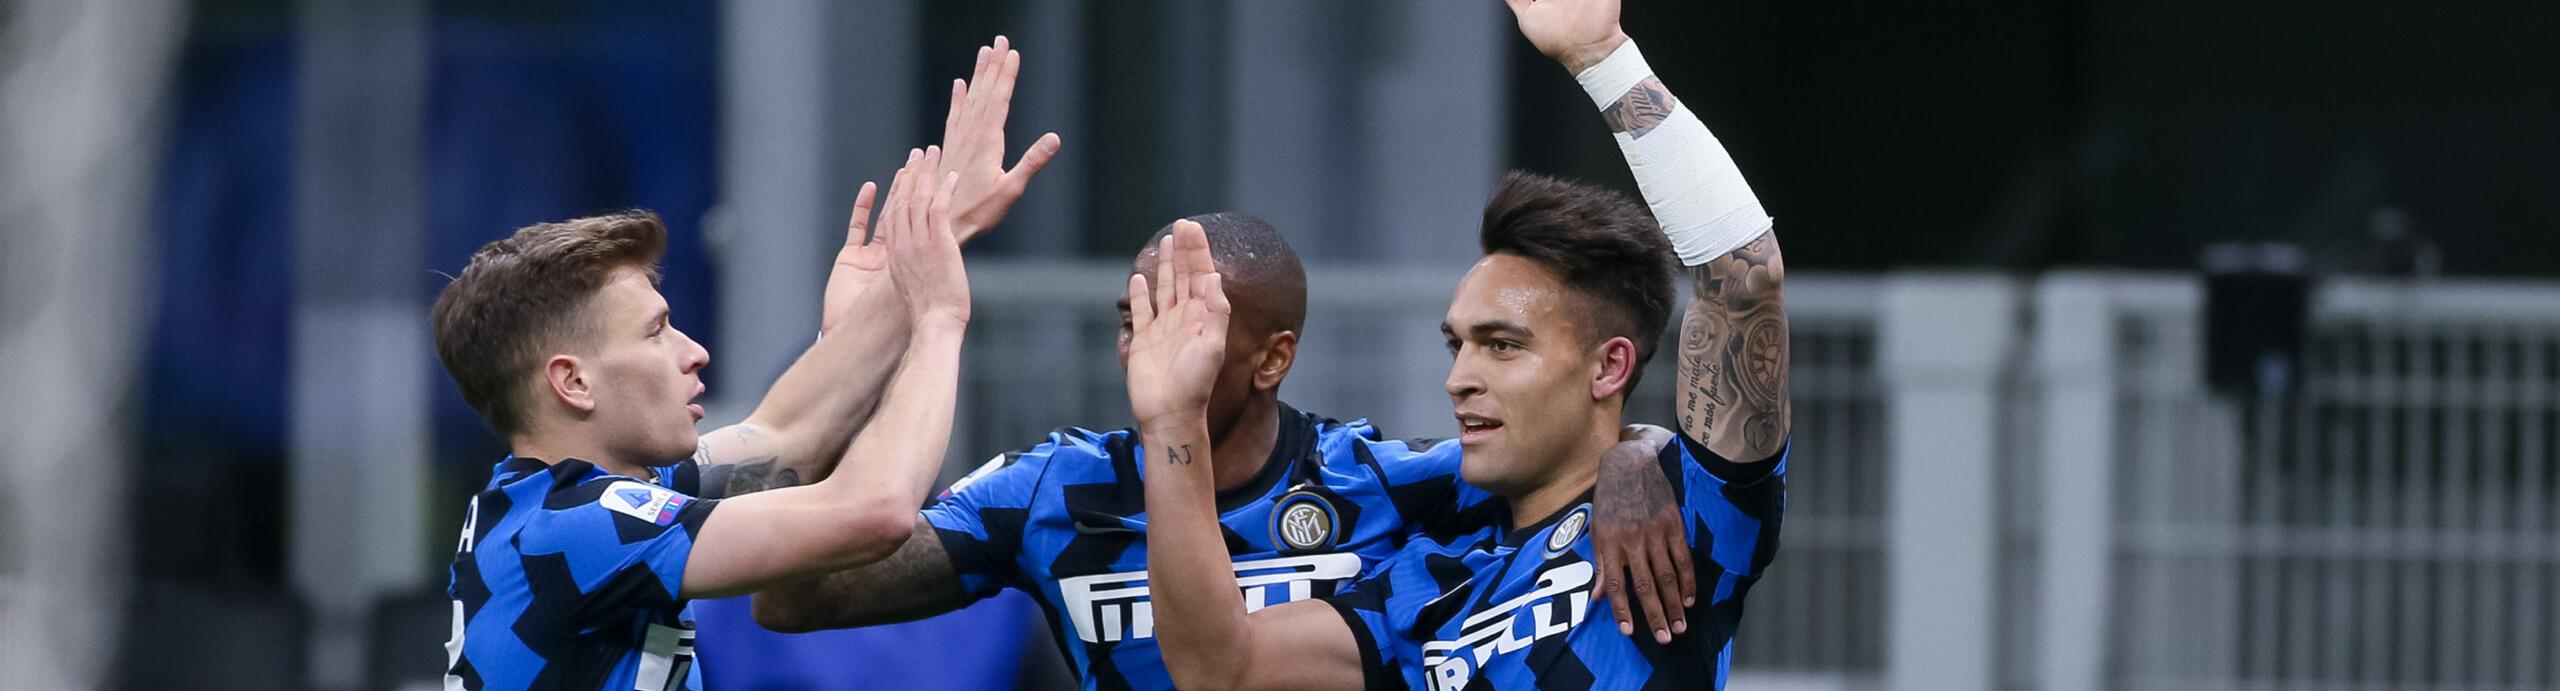 Inter-Cagliari, i nerazzurri vogliono mettere le mani sullo Scudetto